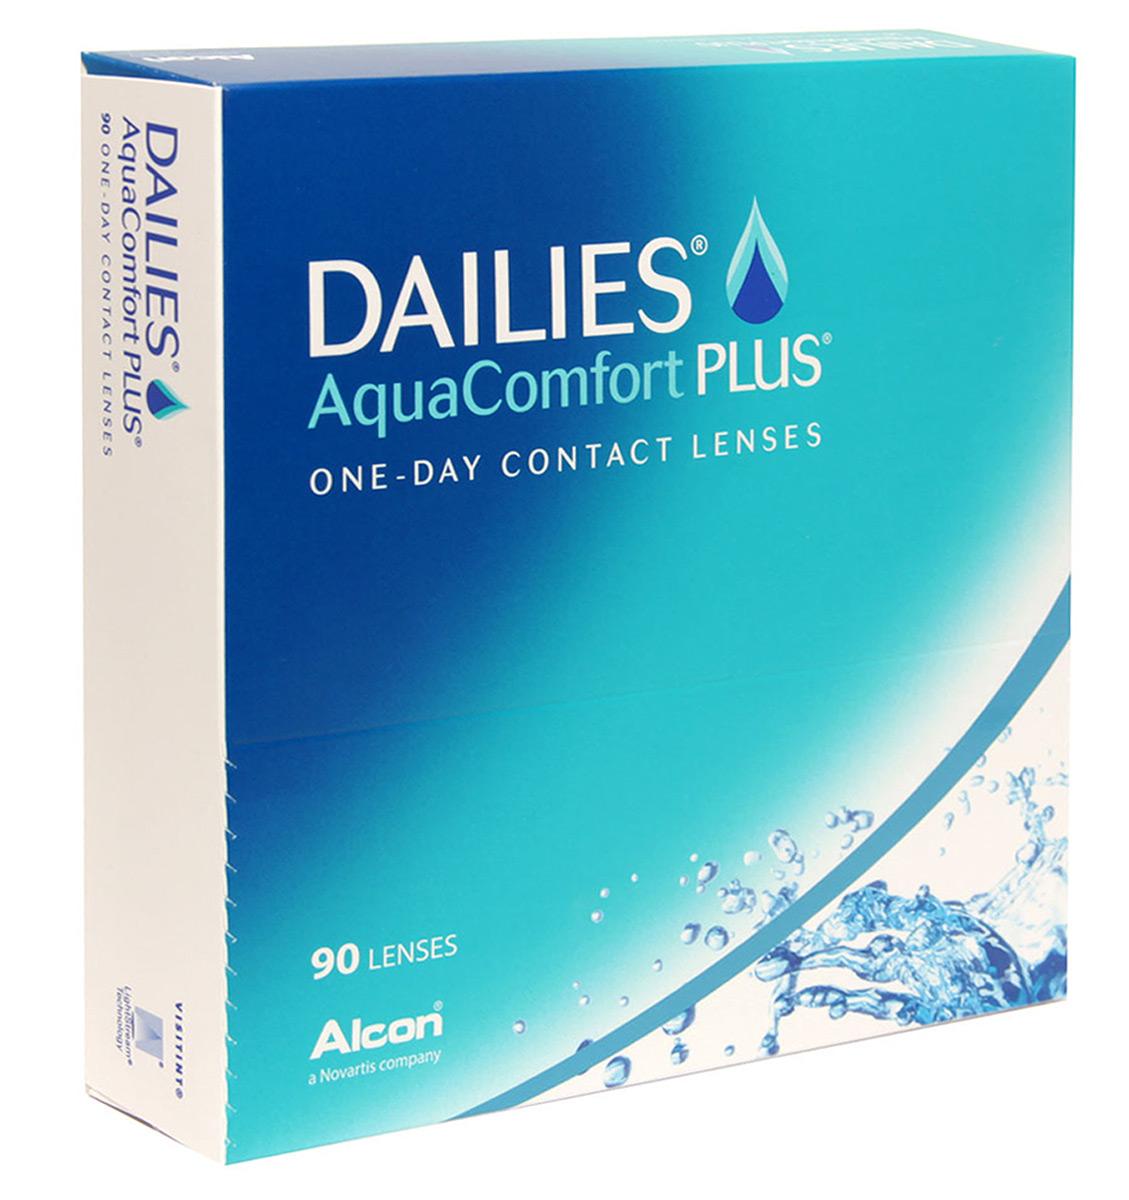 Alcon-CIBA Vision контактные линзы Dailies AquaComfort Plus (90шт / 8.7 / 14.0 / +2.00)38349Dailies Aqua Comfort Plus (90 блистеров) – это одни из самых популярных однодневных линз производства компании CIBA VISION. Эти линзы пользуются огромной популярностью во всем мире и являются на сегодняшний день самыми безопасными контактными линзами. Изготавливаются линзы из современного, 100% безопасного материала нелфилкон А. Особенность этого материала в том, что он легко пропускает воздух и хорошо сохраняет влагу. Однодневные контактные линзы Dailies Aqua Comfort Plus не нуждаются в дополнительном уходе и затратах, каждый день вы надеваете свежую пару линз. Дизайн линзы биосовместимый, что гарантирует безупречный комфорт. Самое главное достоинство Dailies Aqua Comfort Plus – это их уникальная система увлажнения. Благодаря этой разработке линзы увлажняются тремя различными агентами. Первый компонент, ухаживающий за линзами, находится в растворе, он как бы обволакивает линзу, обеспечивая чрезвычайно комфортное надевание. Второй агент выделяется на протяжении всего дня, он...